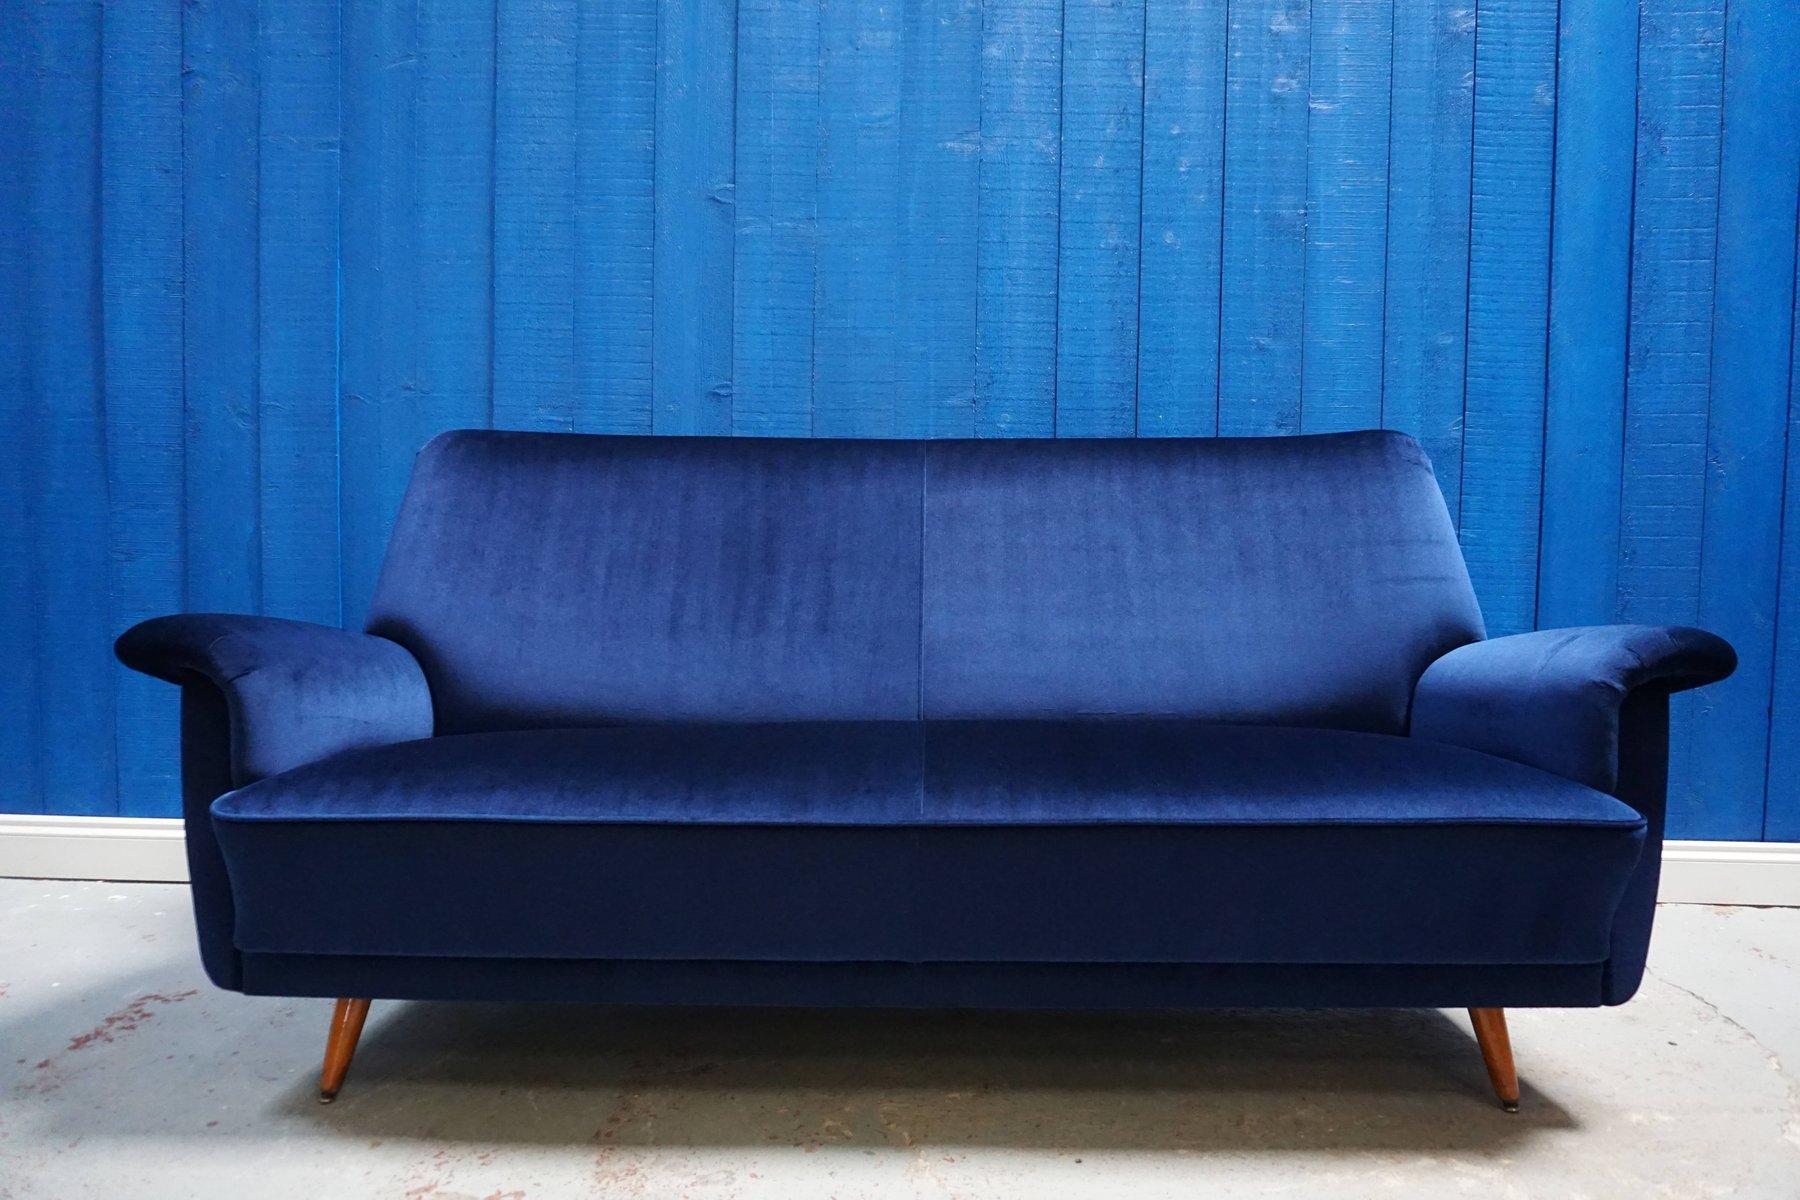 Mid century danish navy blue velvet sofa 1950s for sale - Navy blue velvet sofa ...